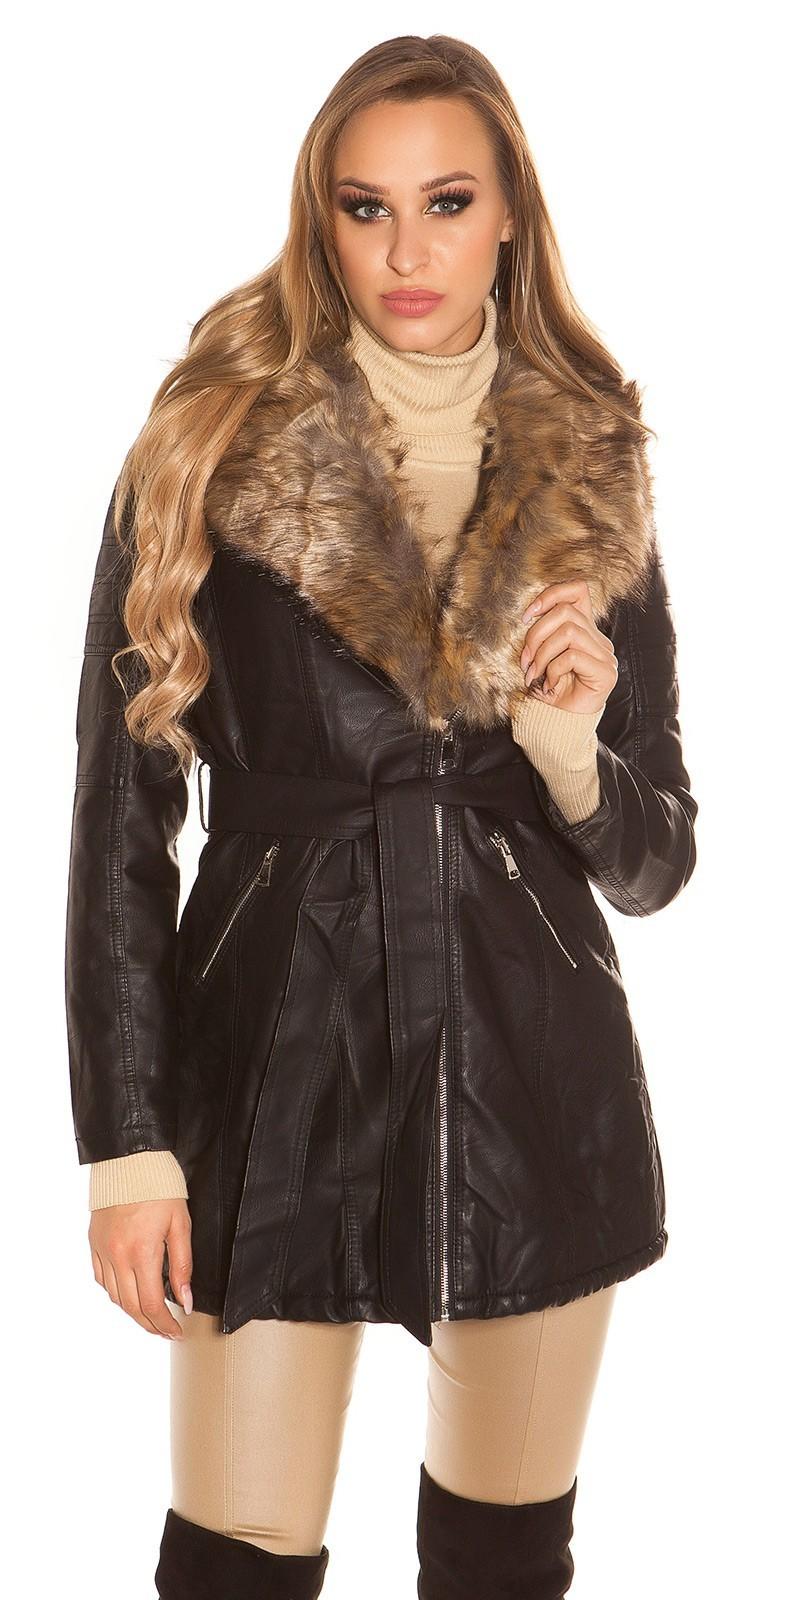 bf6d017edba0 Dlhý čierny kabát koženého vzhľadu Čierna ...